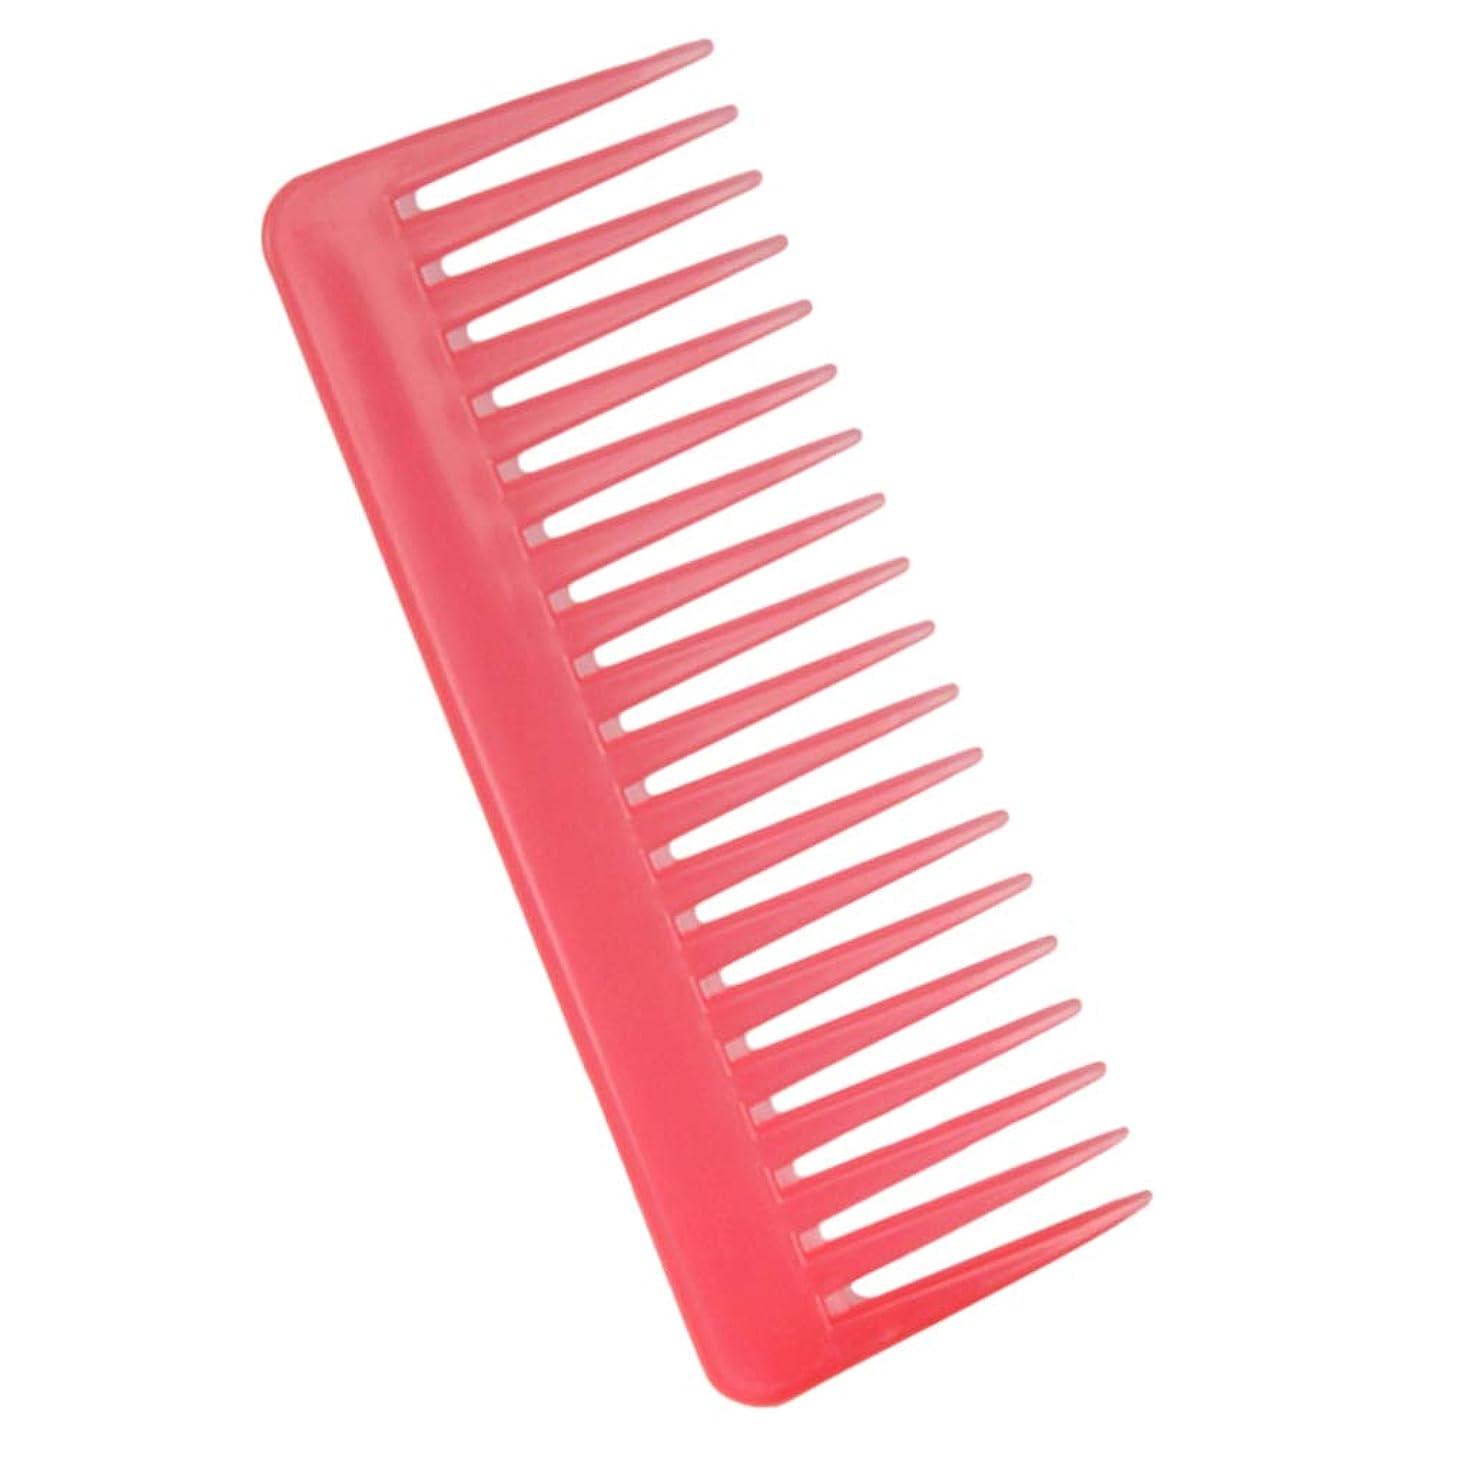 ミニ一月責めるP Prettyia 帯電防止櫛 ヘアケア ヘアブラシ サロン用 自宅用 ヘアコーム 3色選べ - ピンク